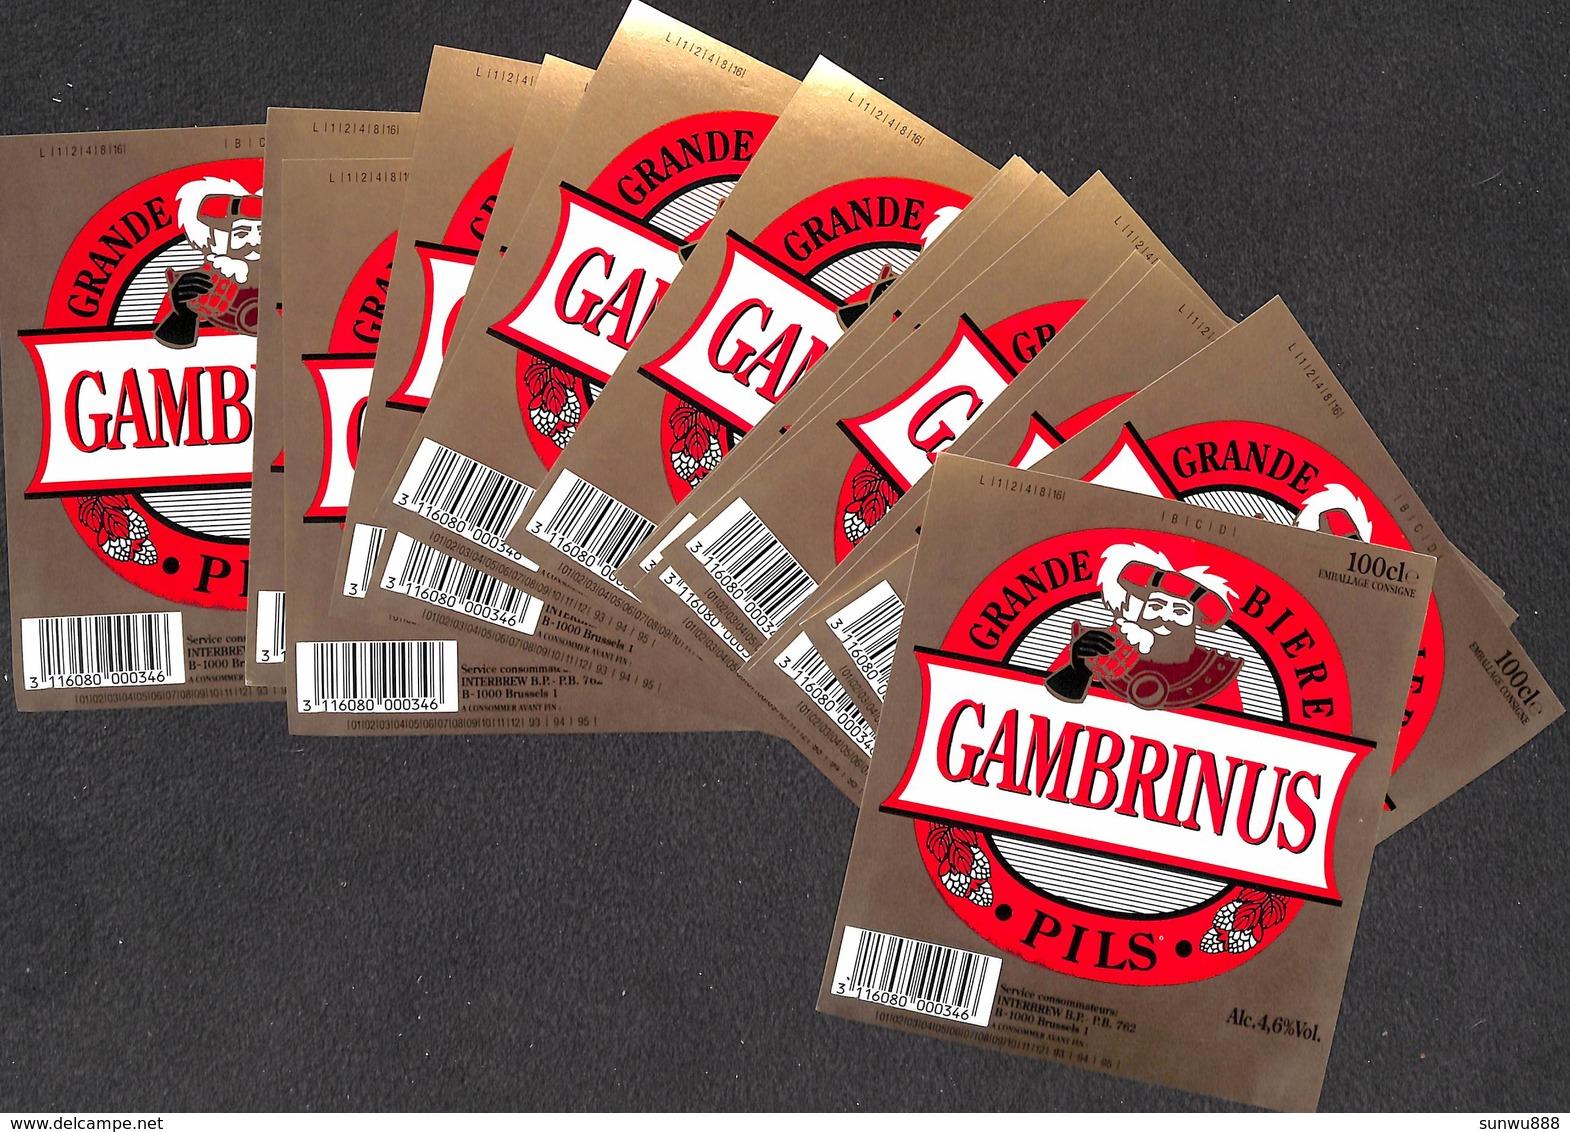 Lot 15 Etiquettes Grande Bière Gambrinus Pils - Beer